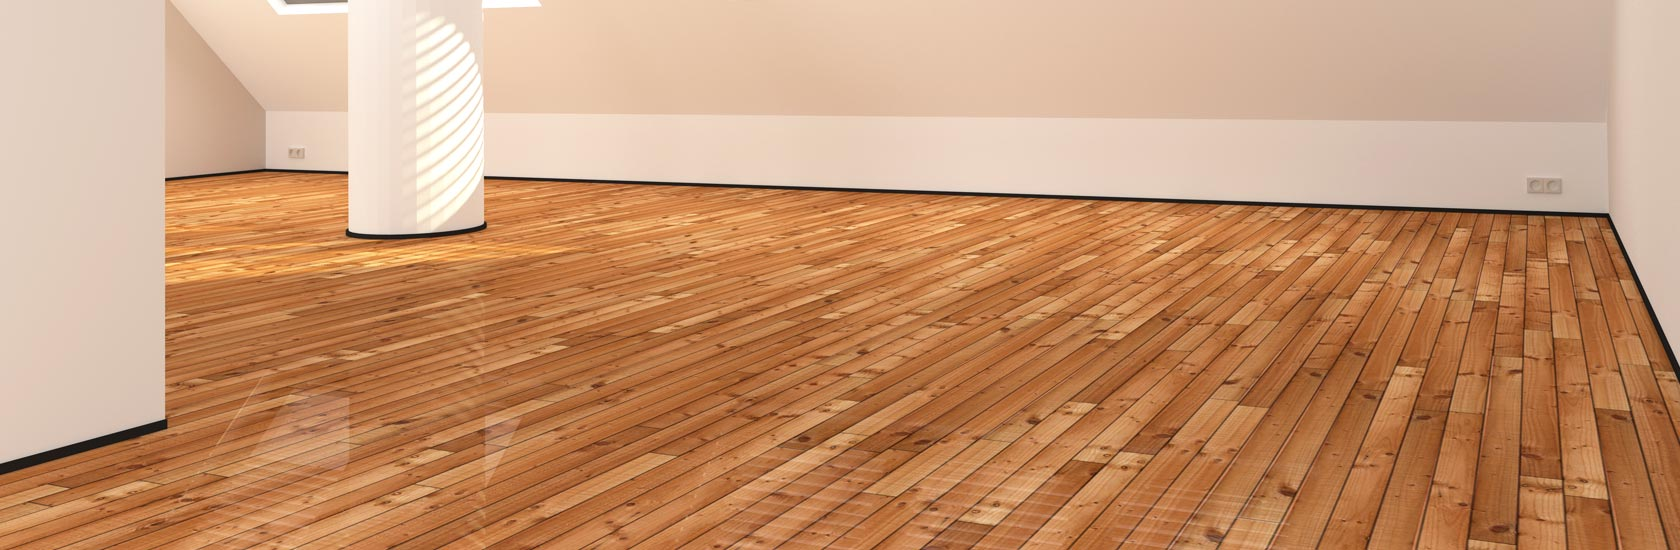 parkettb den parkettboden legen einen holzboden schreinerei schwarzmaier in starnberg. Black Bedroom Furniture Sets. Home Design Ideas